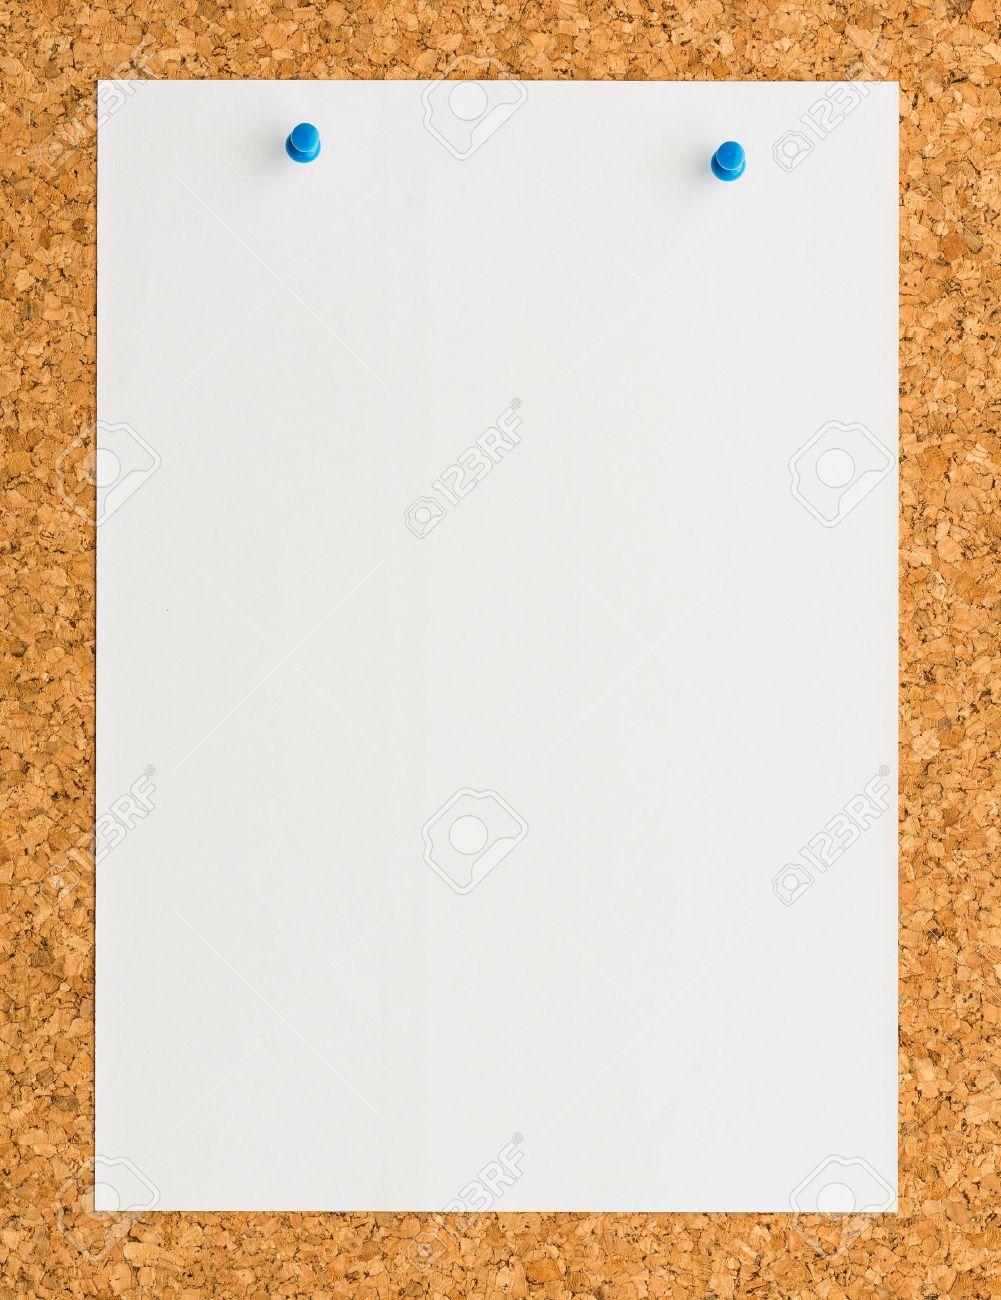 Nahaufnahme Weißes Blatt Papier Notizblatt Mit Blauen Push-Pin-auf ...